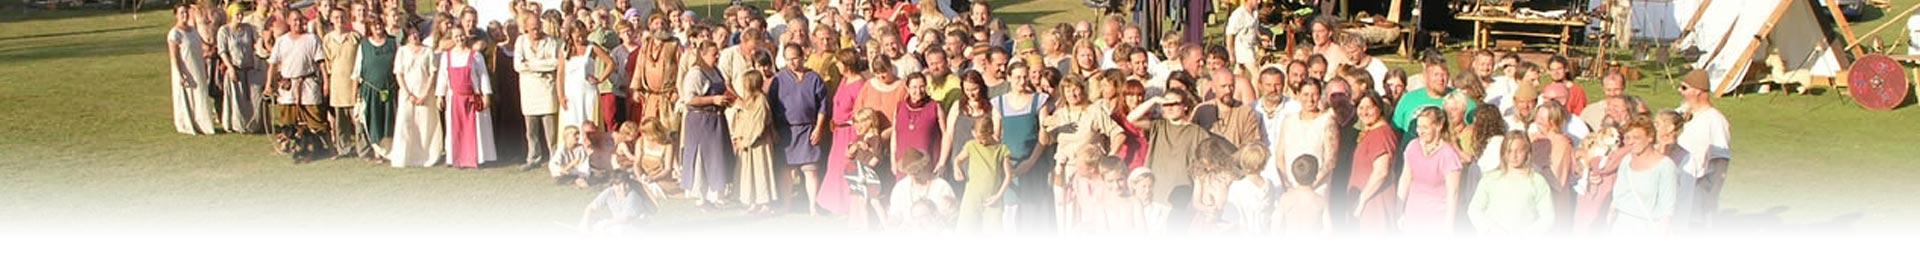 alle Teilnehmer des letzten jahres als Wikinger auf dem Gruppenfoto